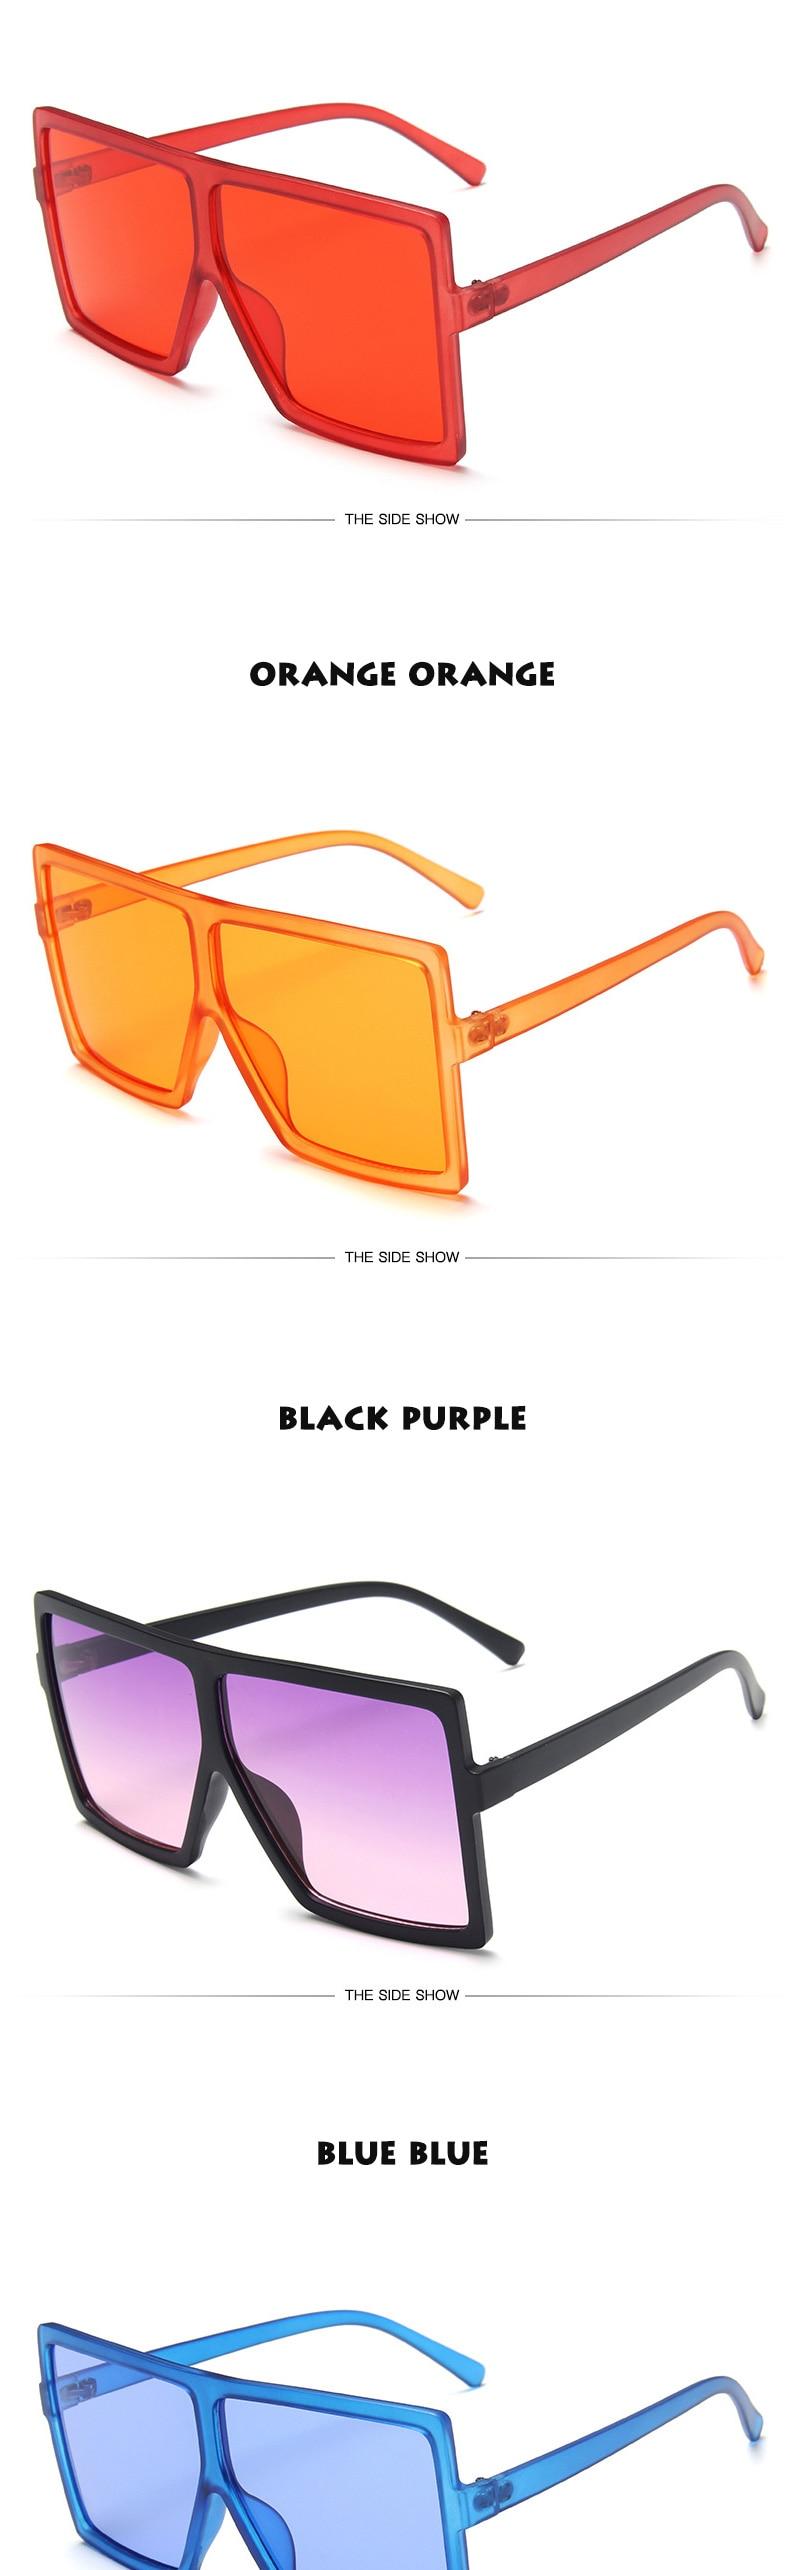 复古太阳眼镜_欧美大框太阳眼镜跨境热销街拍潮流方框金属铰链眼镜5705---阿里巴巴_07